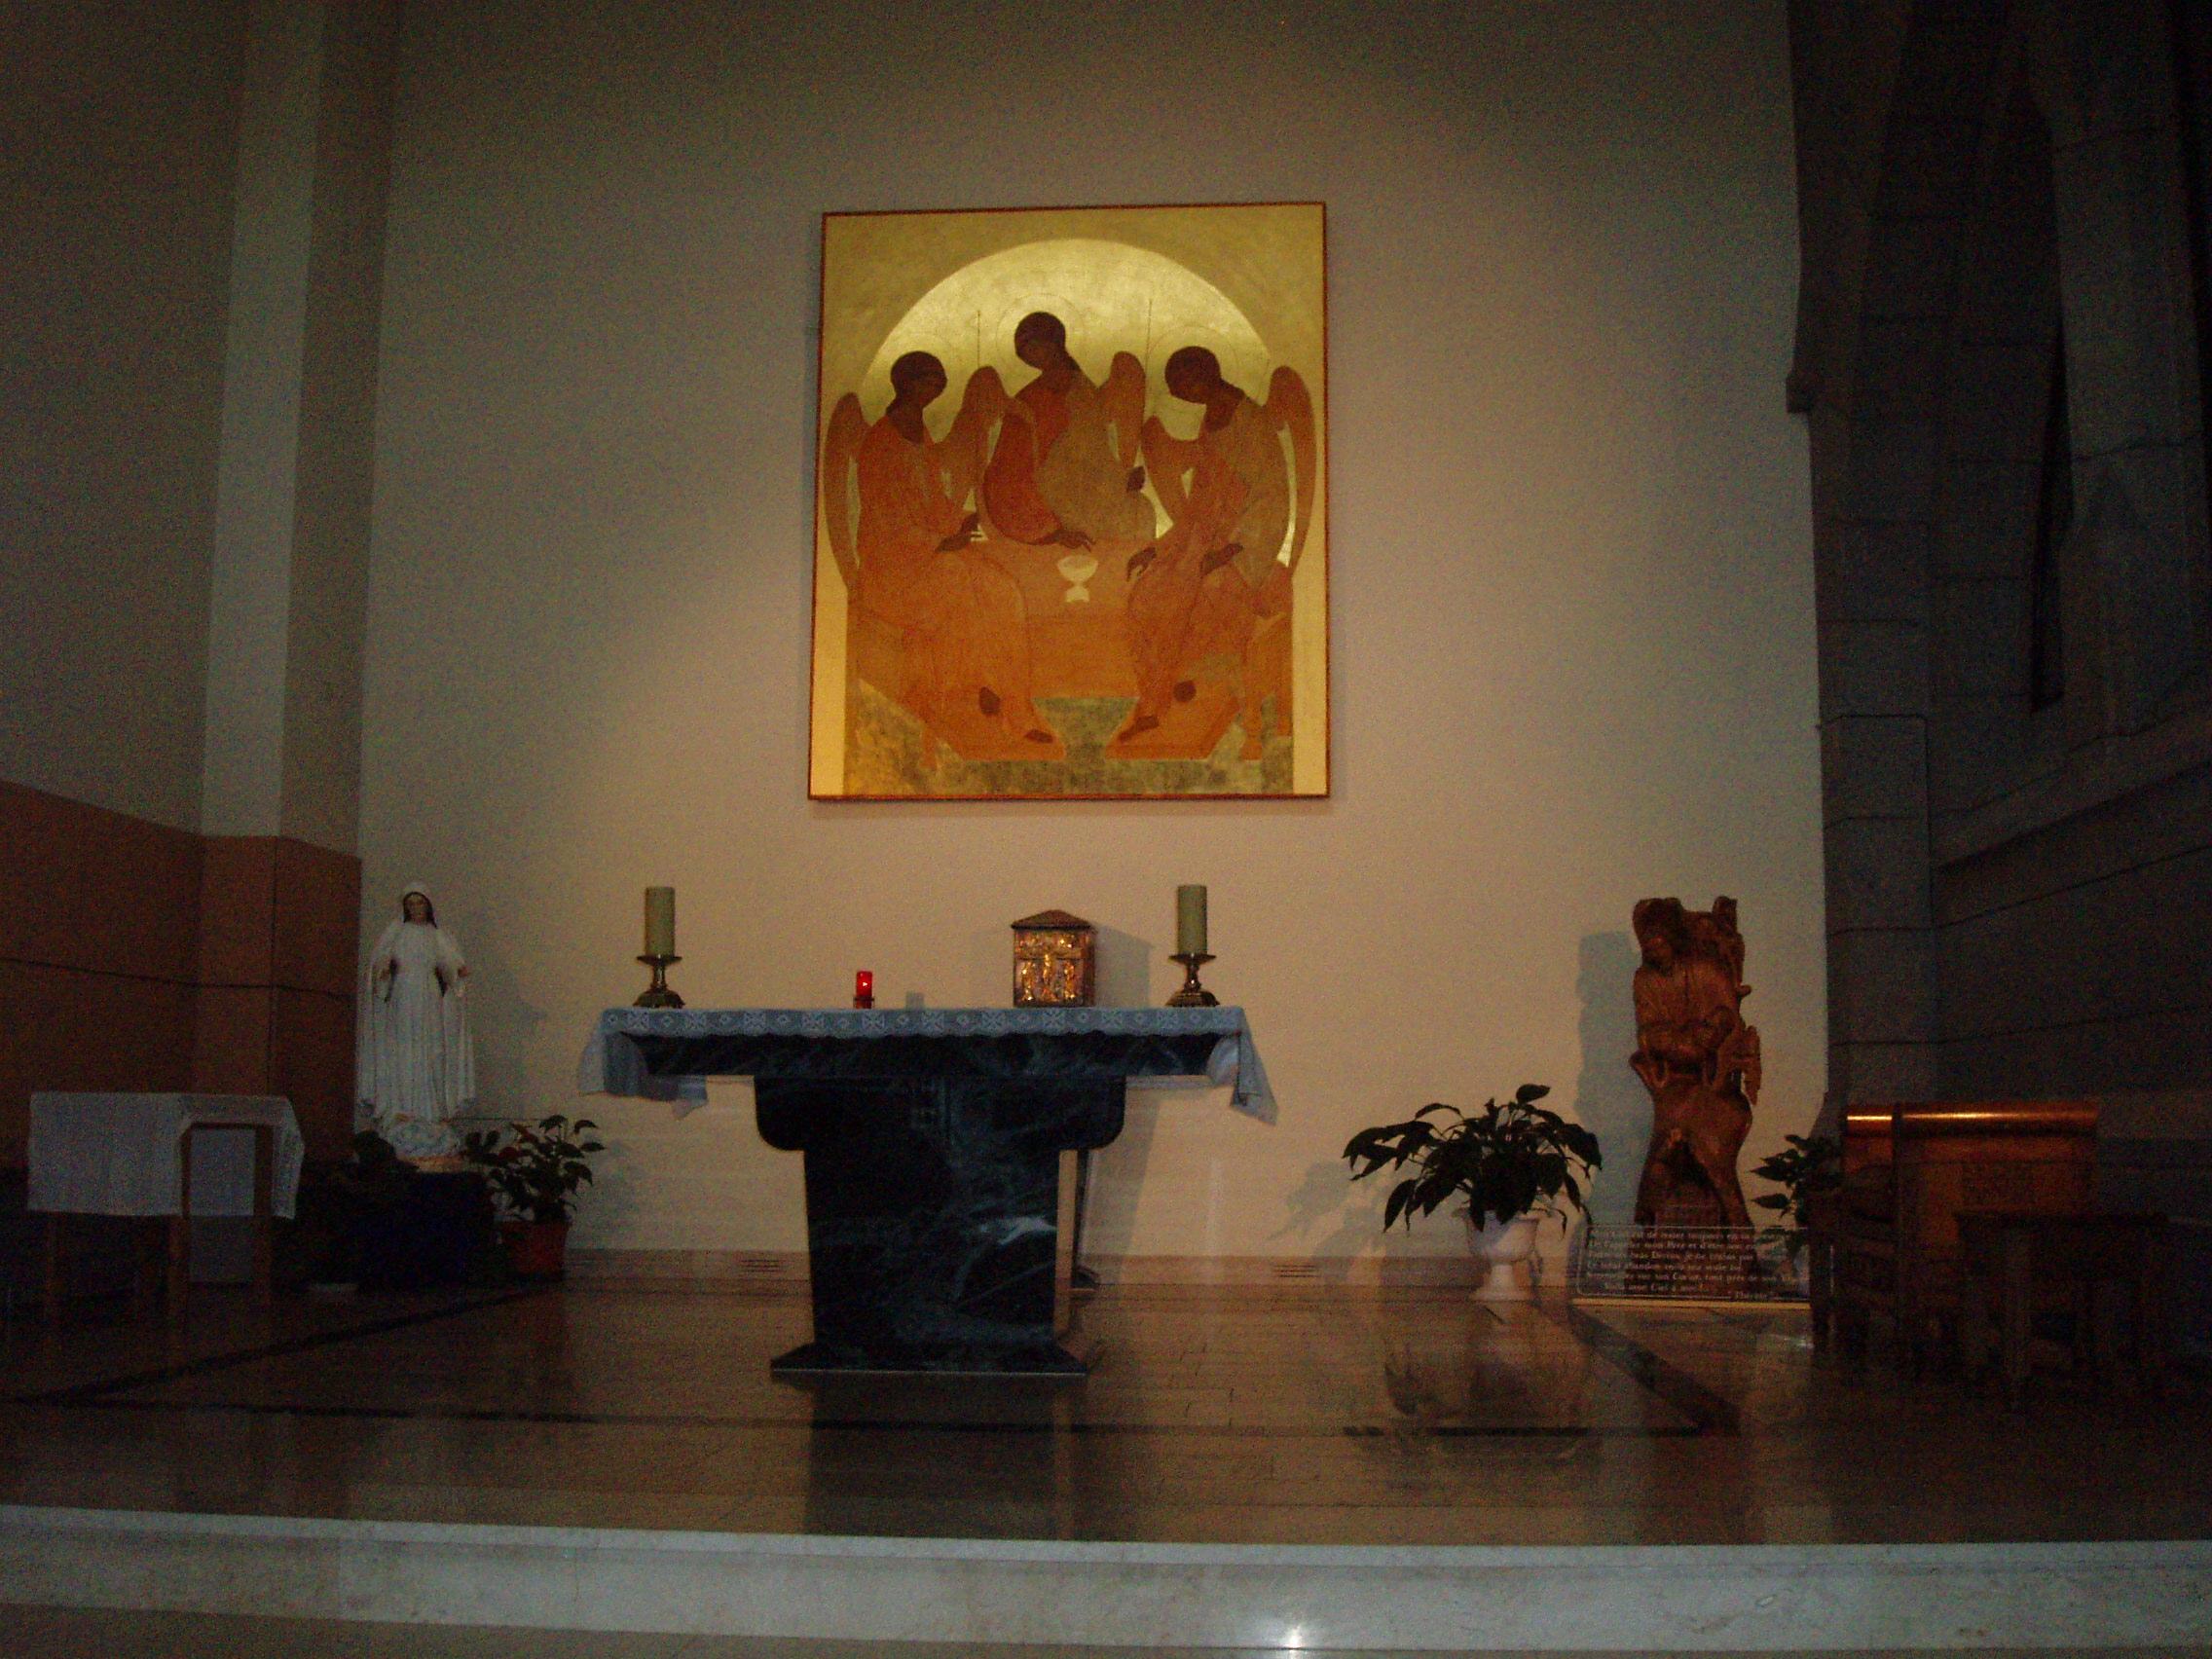 http://fr.academic.ru/pictures/frwiki/66/Basilique_de_Lisieux_chapelle_d%27adoration.jpg